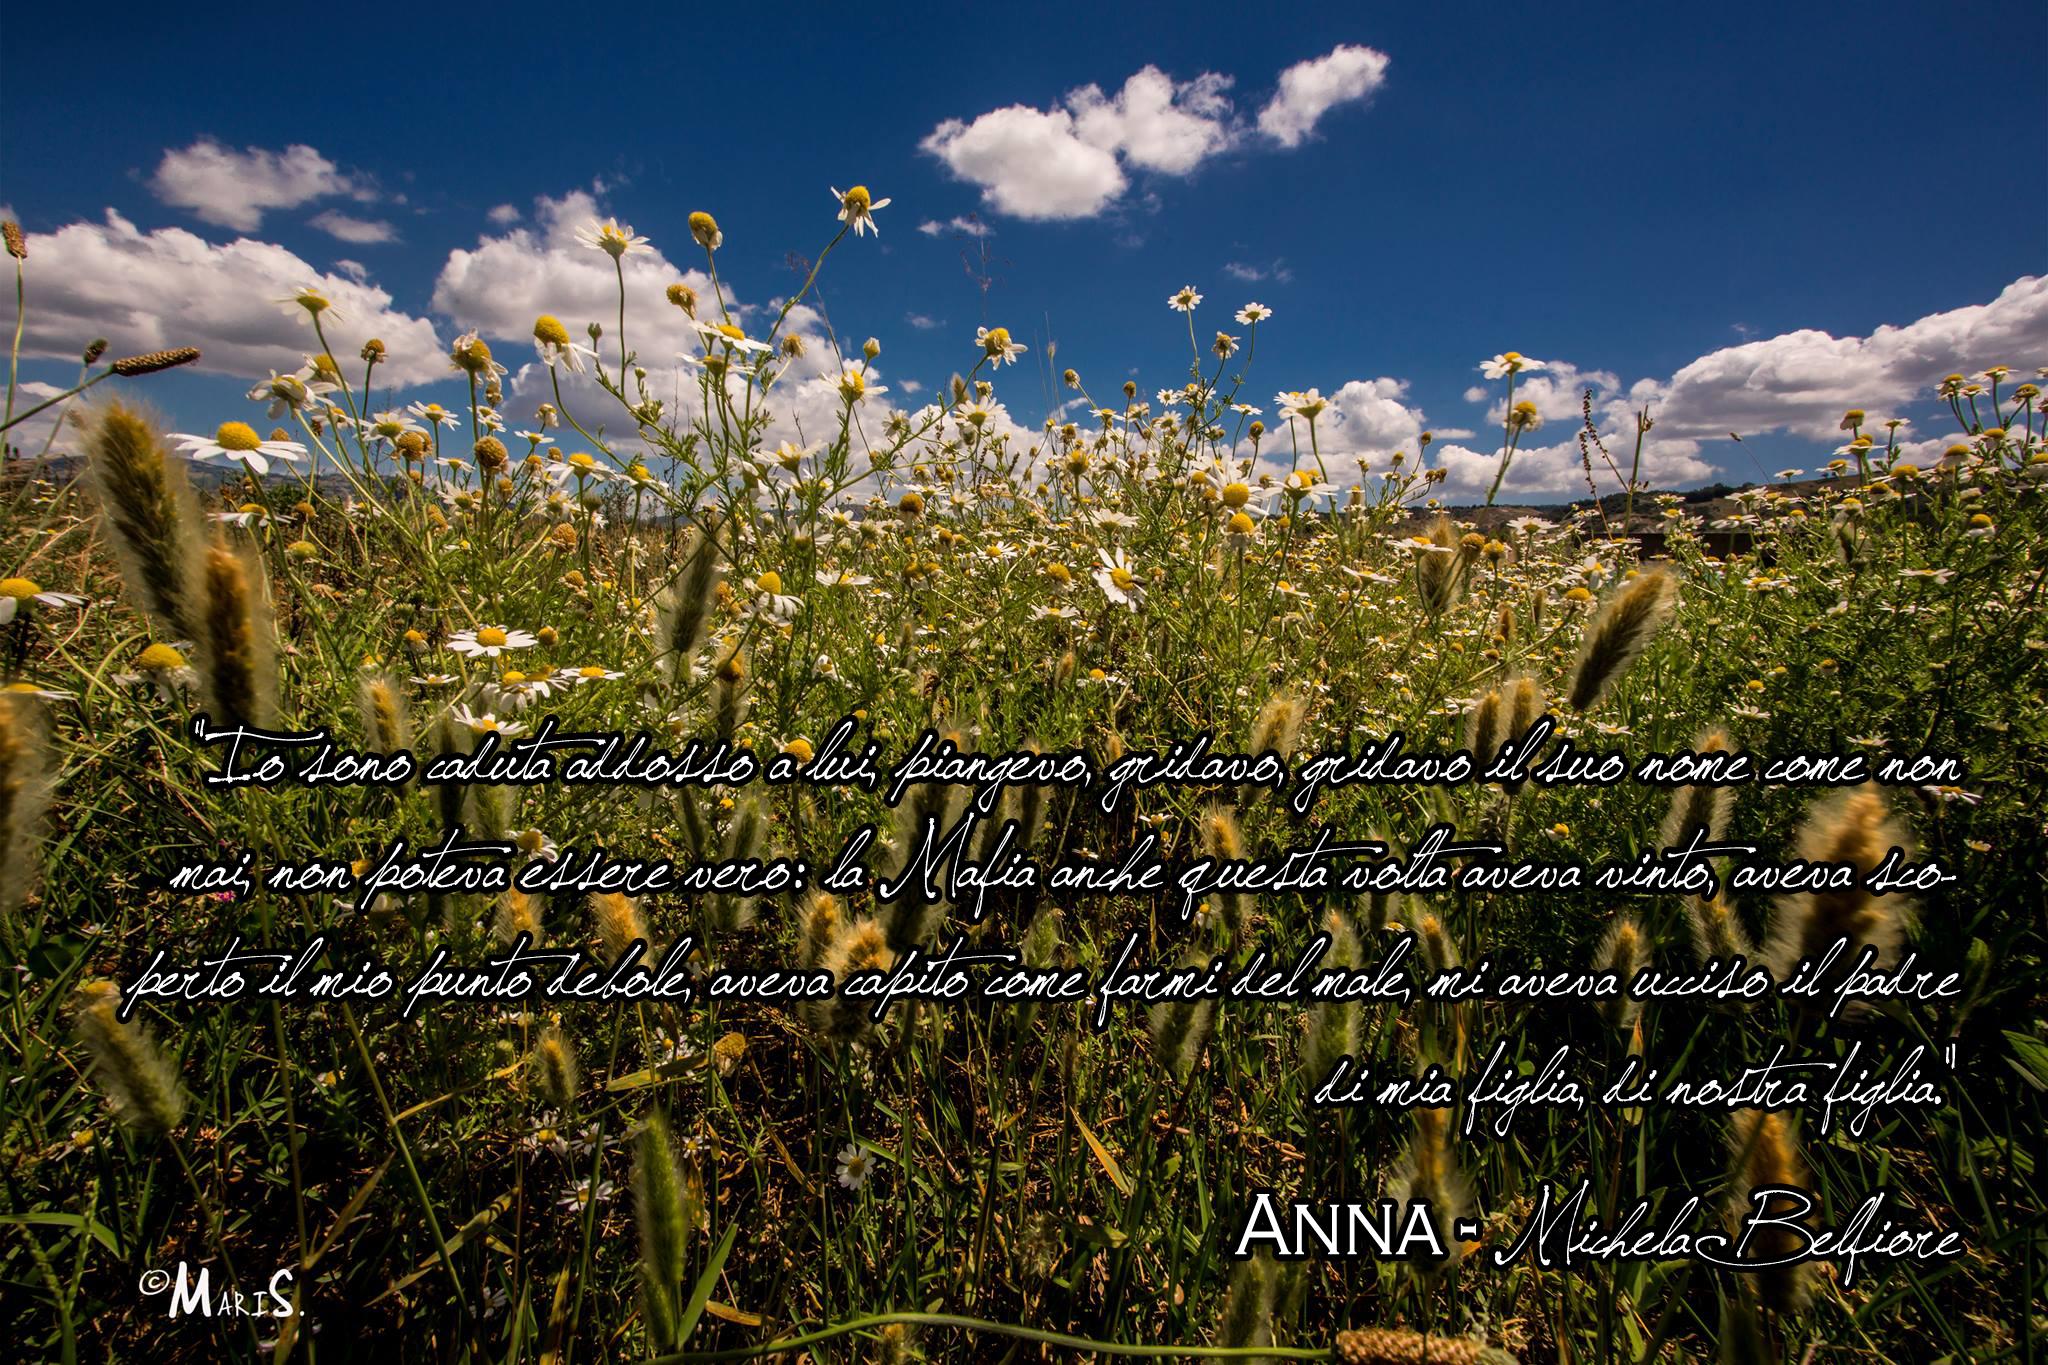 7. Anna-MICHELA BELFIORE